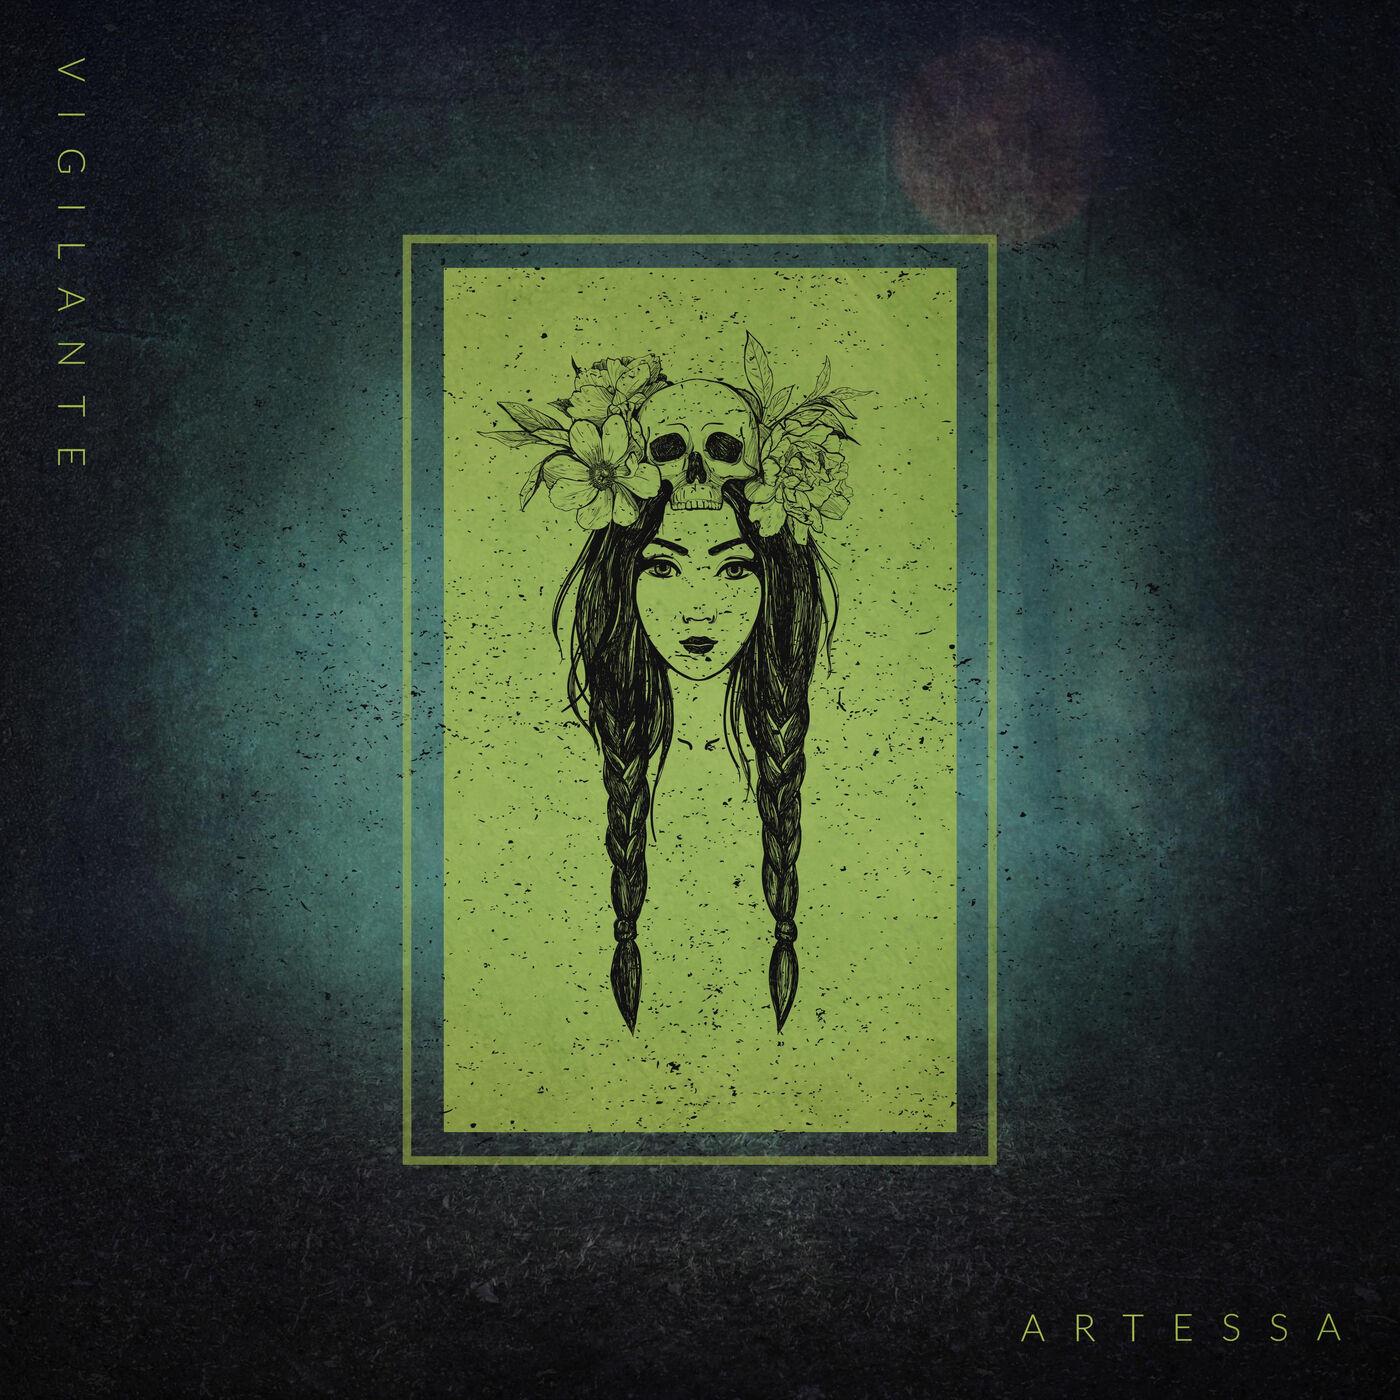 Artessa - Vigiante [single] (2020)